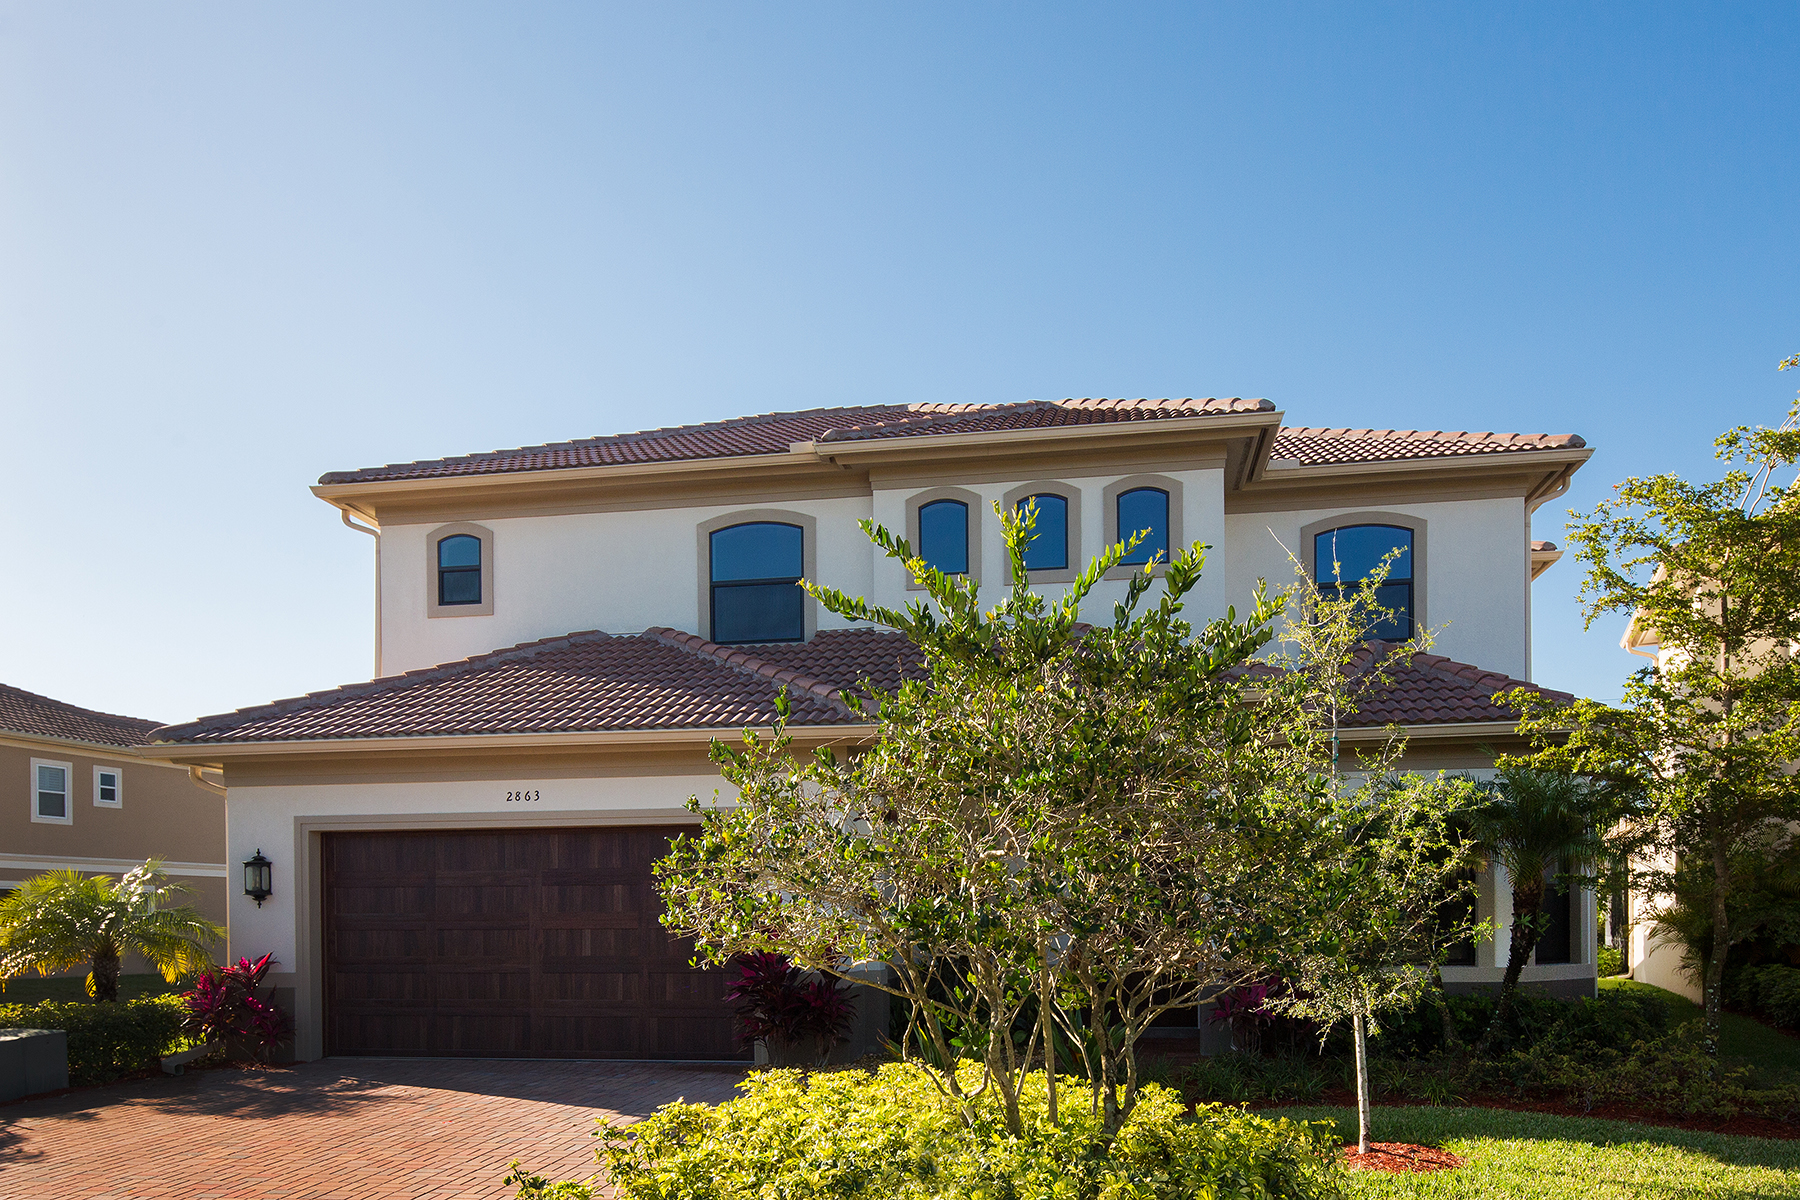 Maison unifamiliale pour l Vente à MONTEBELLO - COCO LAKES 2863 Coco Lakes Dr Naples, Florida, 34105 États-Unis